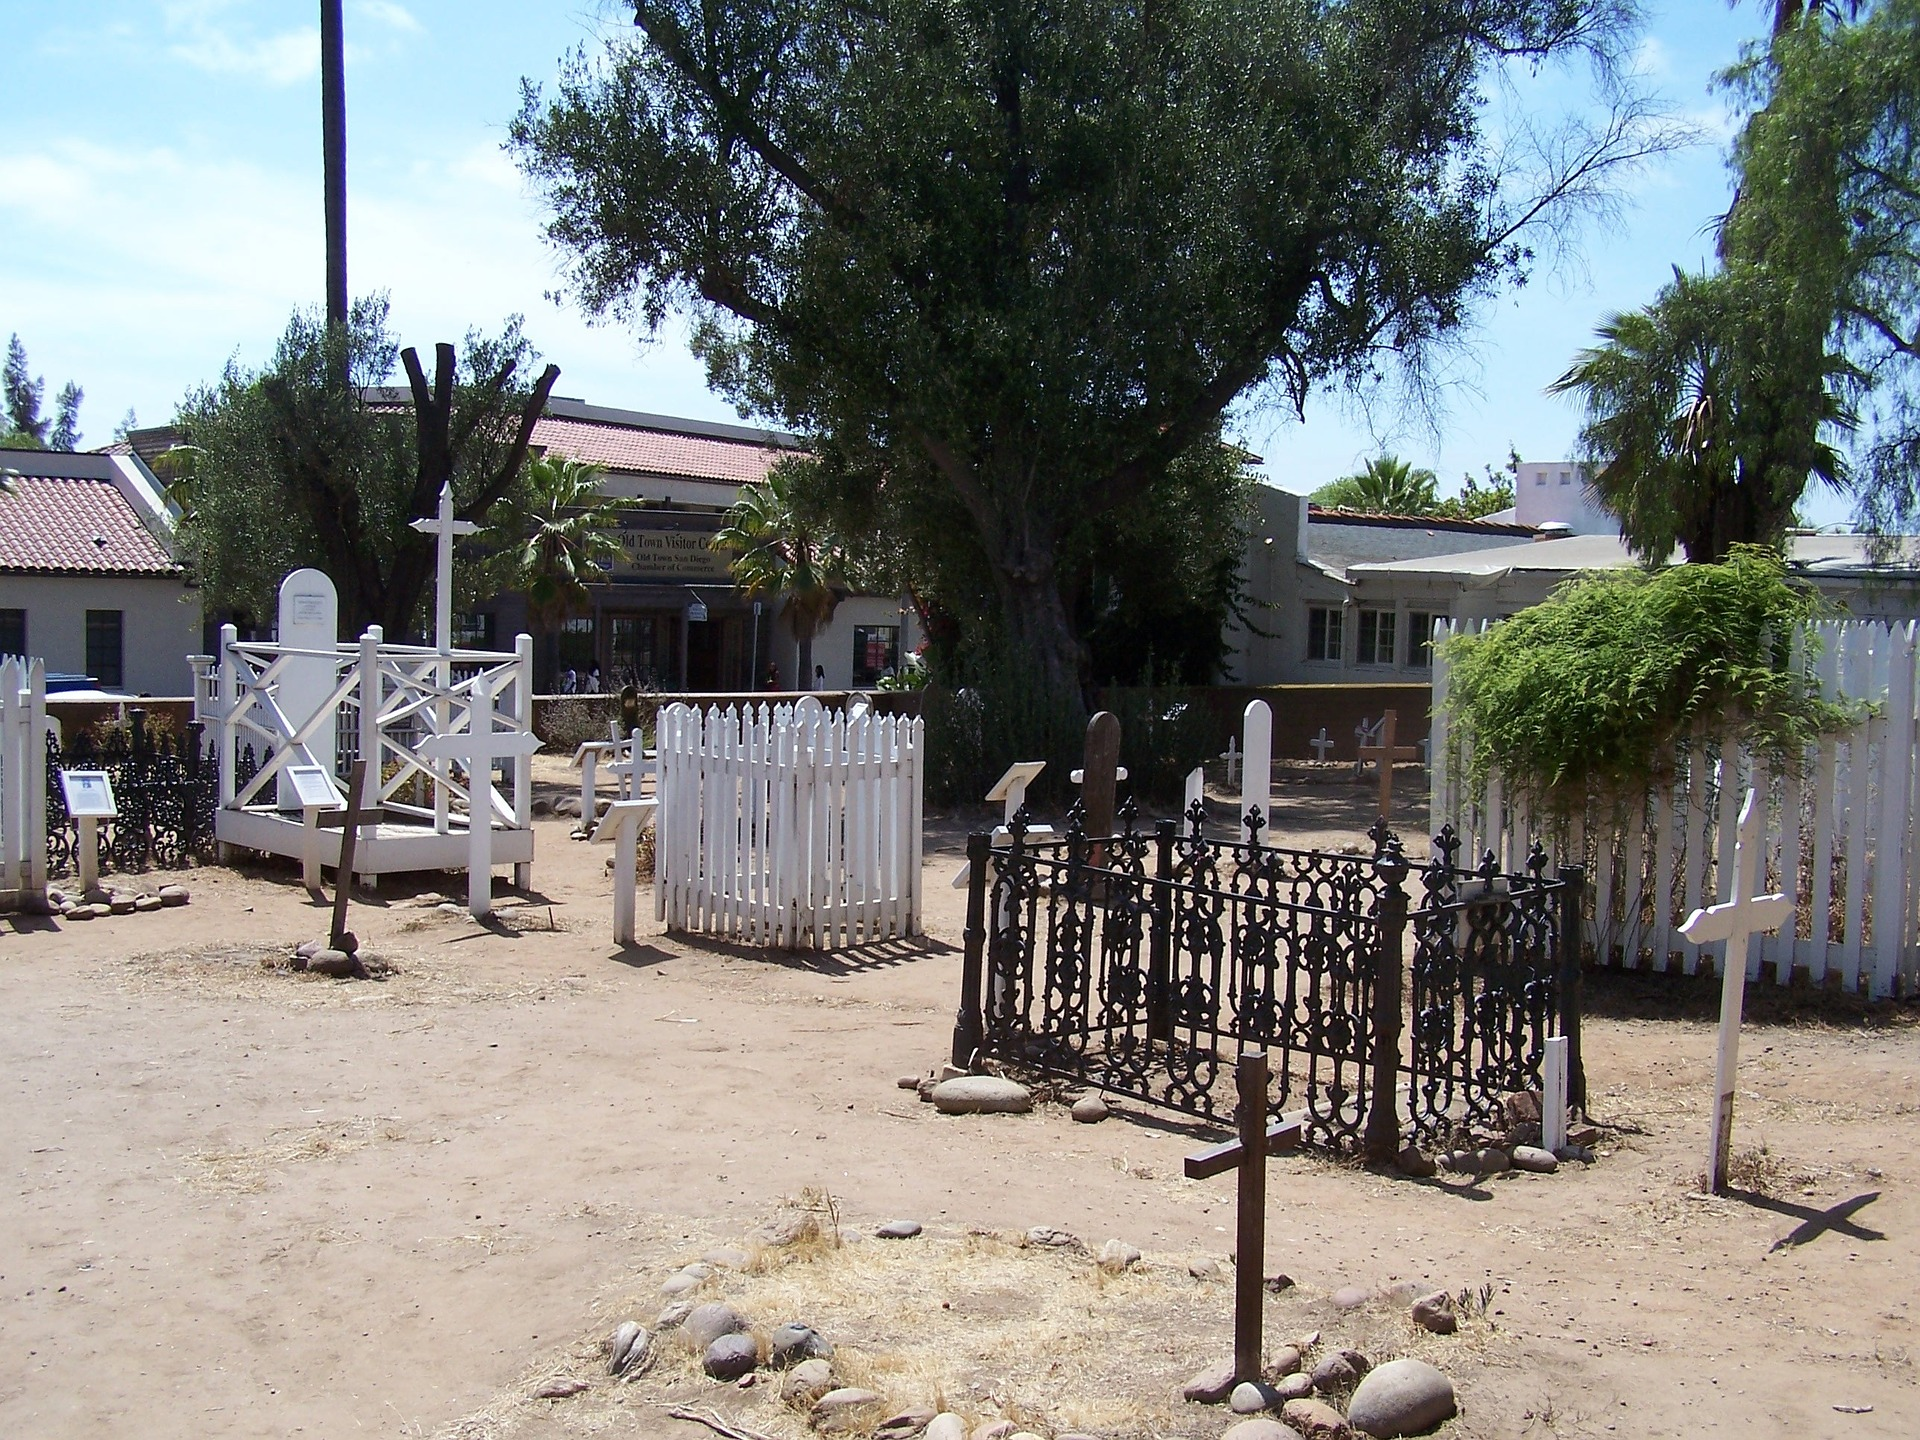 Outdoor grave sites at El Camp Santo Cemetery.